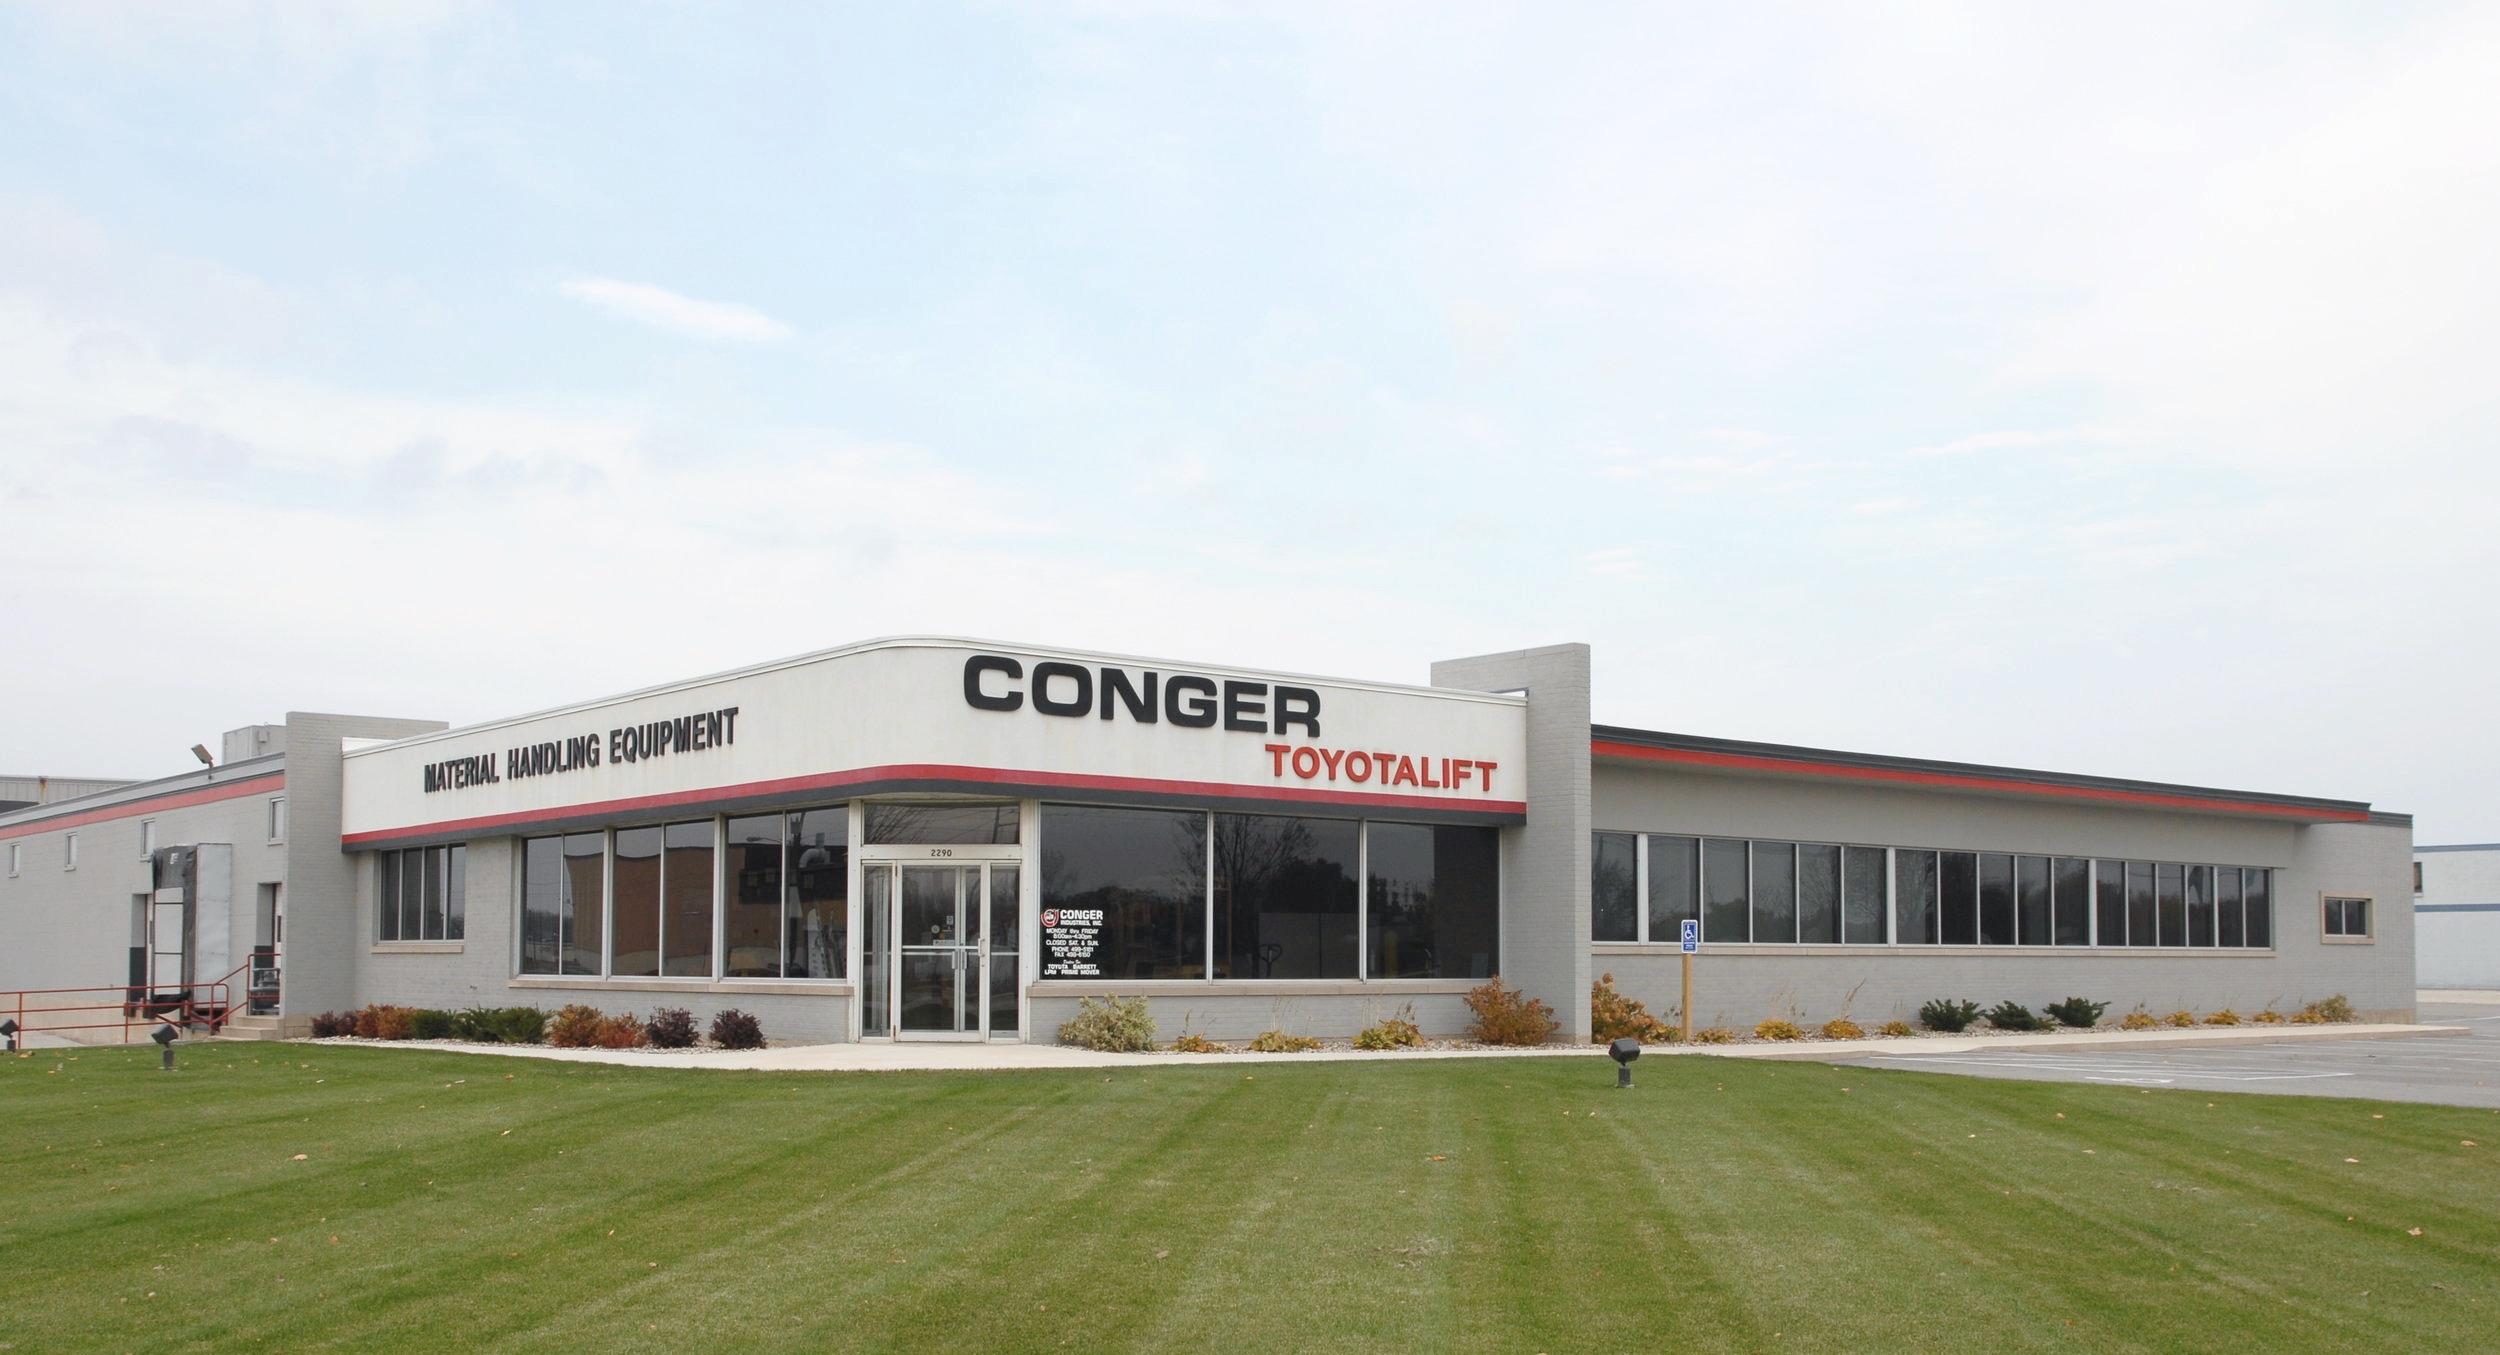 Conger2.JPG